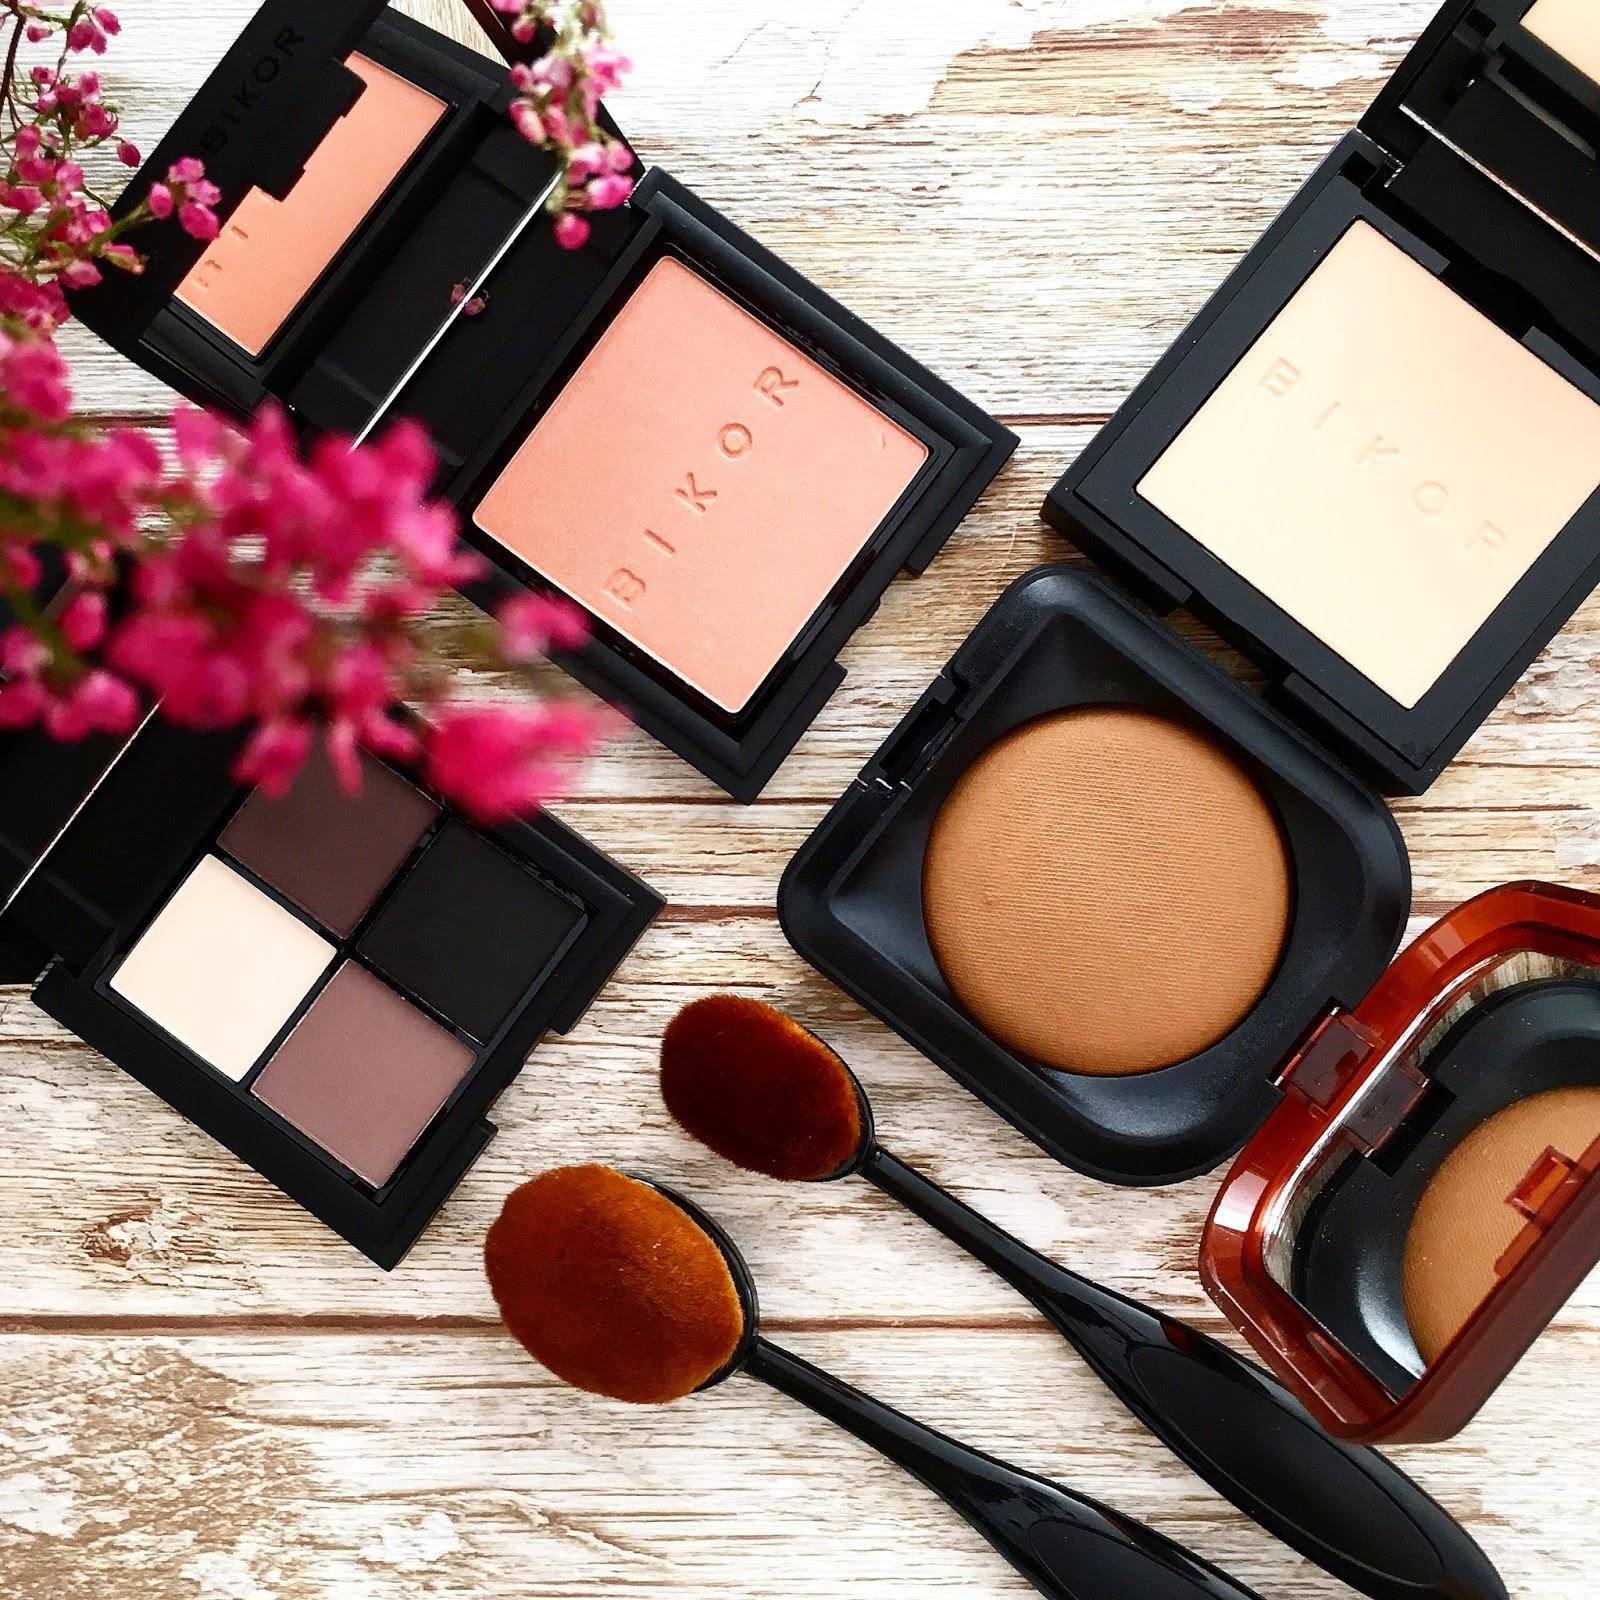 Przegląd kosmetyków marki Bikor - Ziemia Egpiska, puder Oslo, róż Sunrise i najlepsze cienie jakich używałam